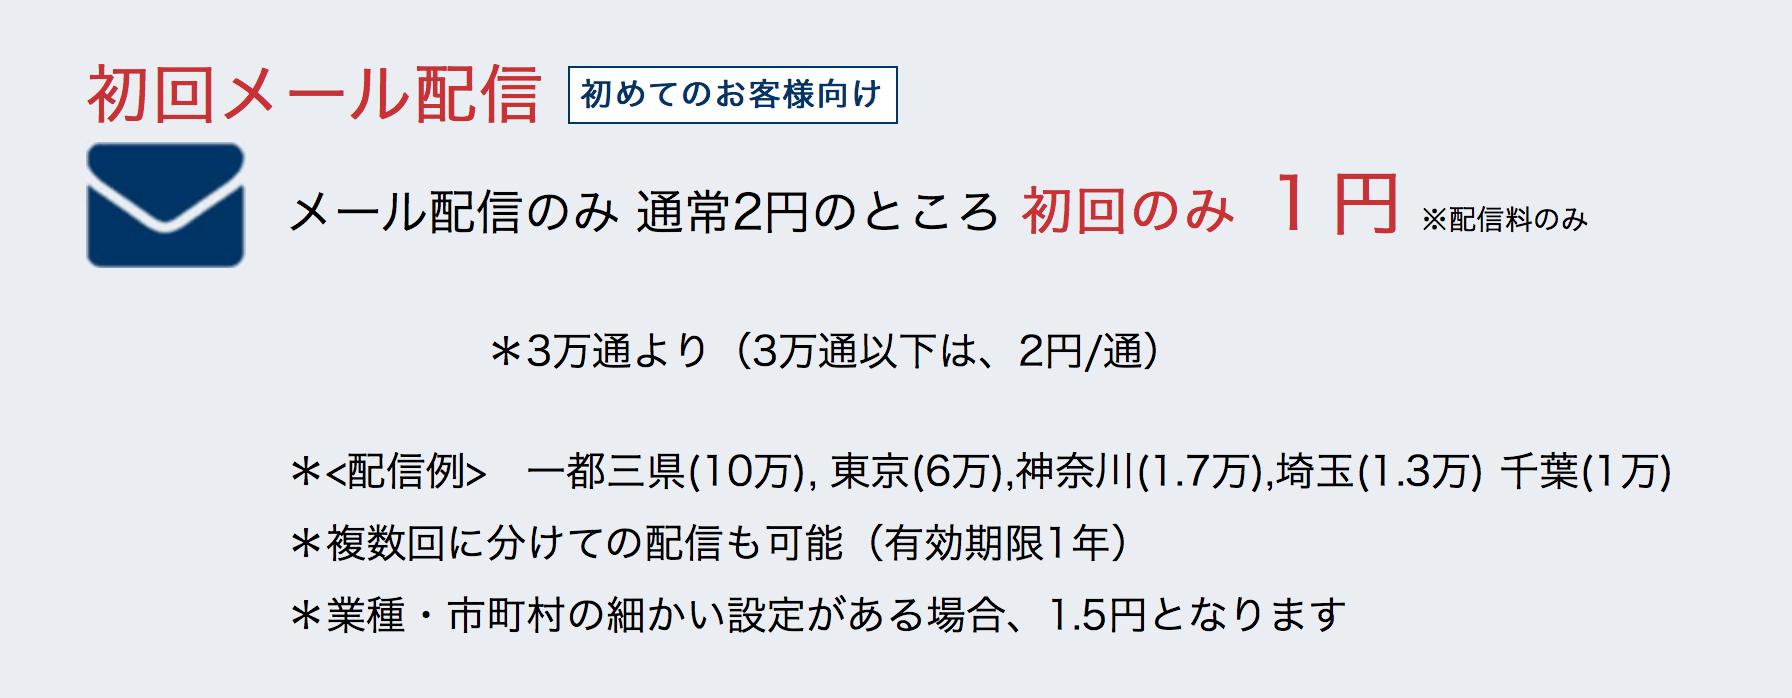 企業向けメール配信サービス1